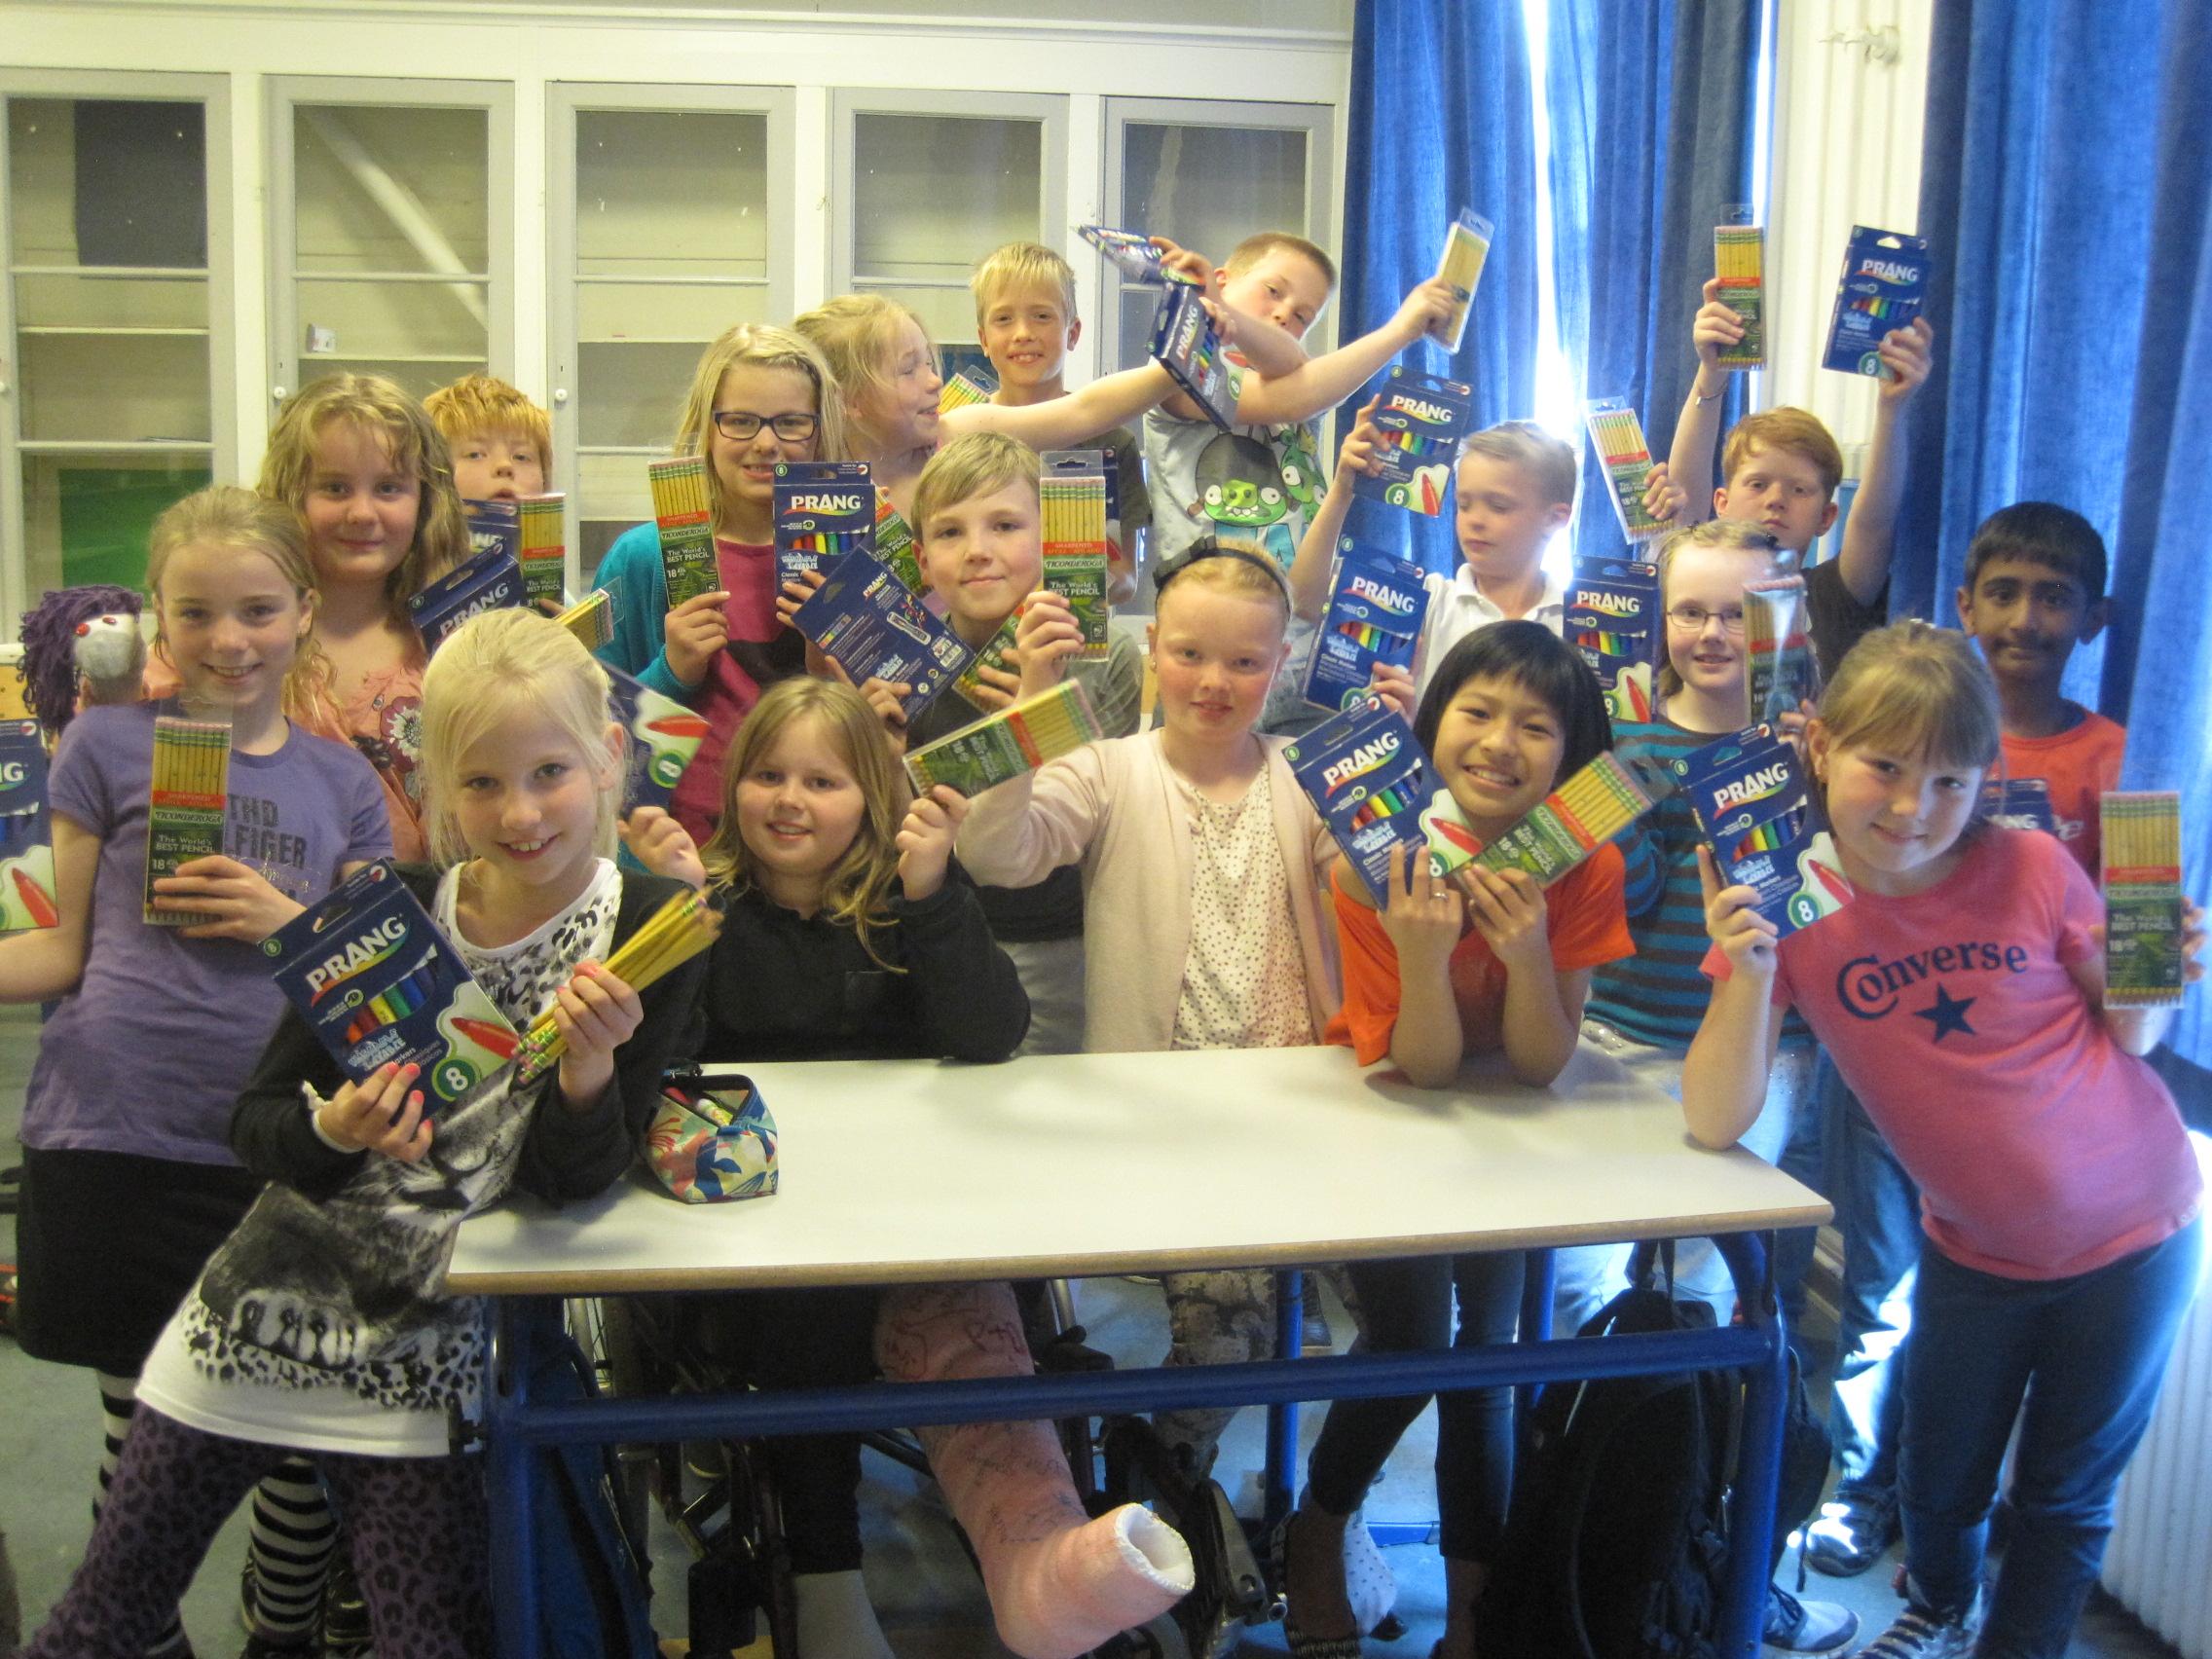 Dixon Ticonderoga donate pencils to a class in Denmark